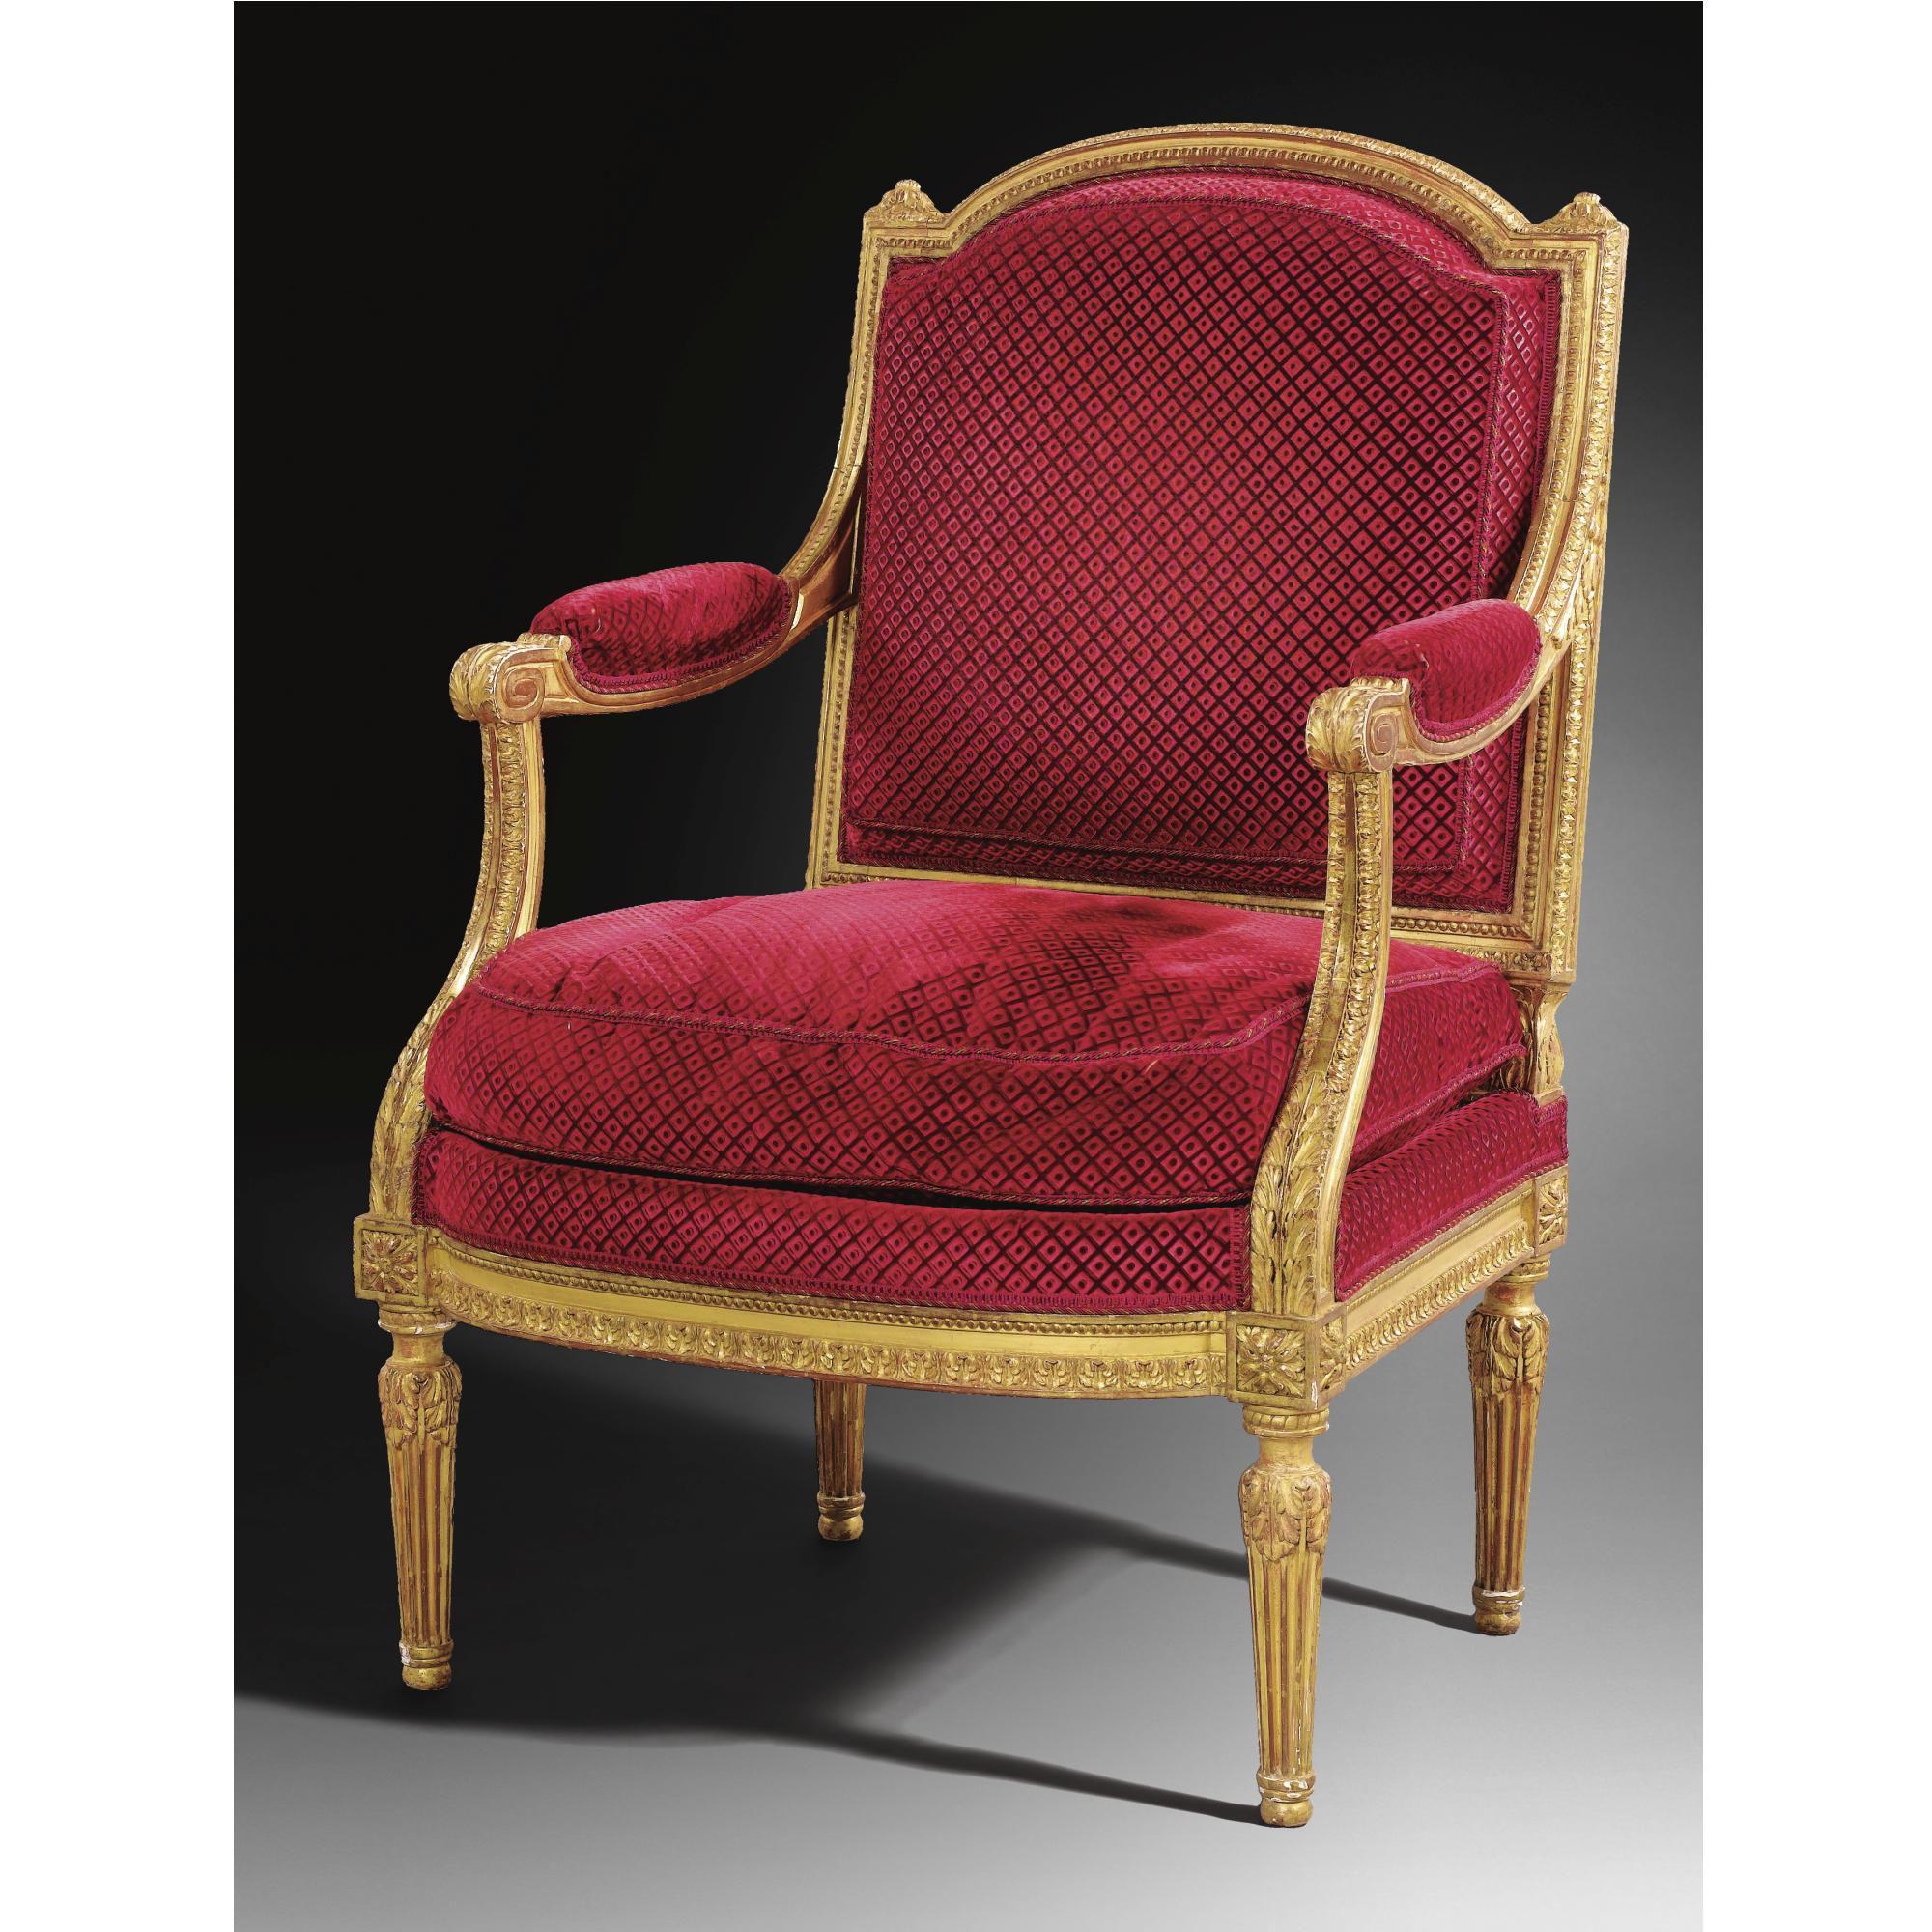 Sillon En Madera Dorada Del Periodo De Luis Xvi Atribuido A George Jacob Fauteuil Louis Xvi Mobilier De Salon